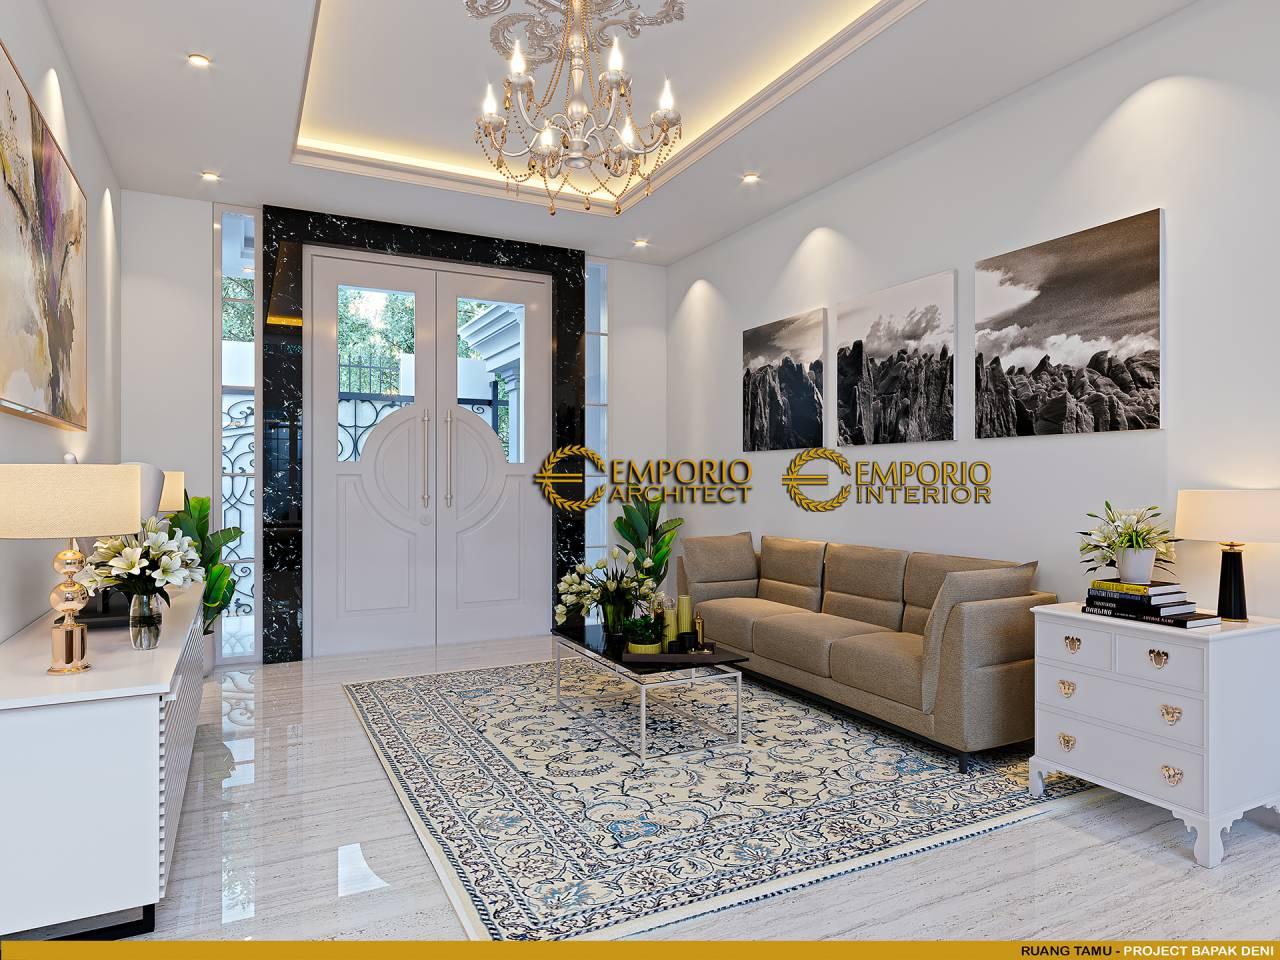 Desain Interior Rumah Klasik Modern 2 Lantai Bapak Deni Di Blitar Jawa Timur Desain Interior Rumah Klasik Modern 2 Lantai Bapak Deni Di Blitar Jawa Timur Desain interior rumah klasik